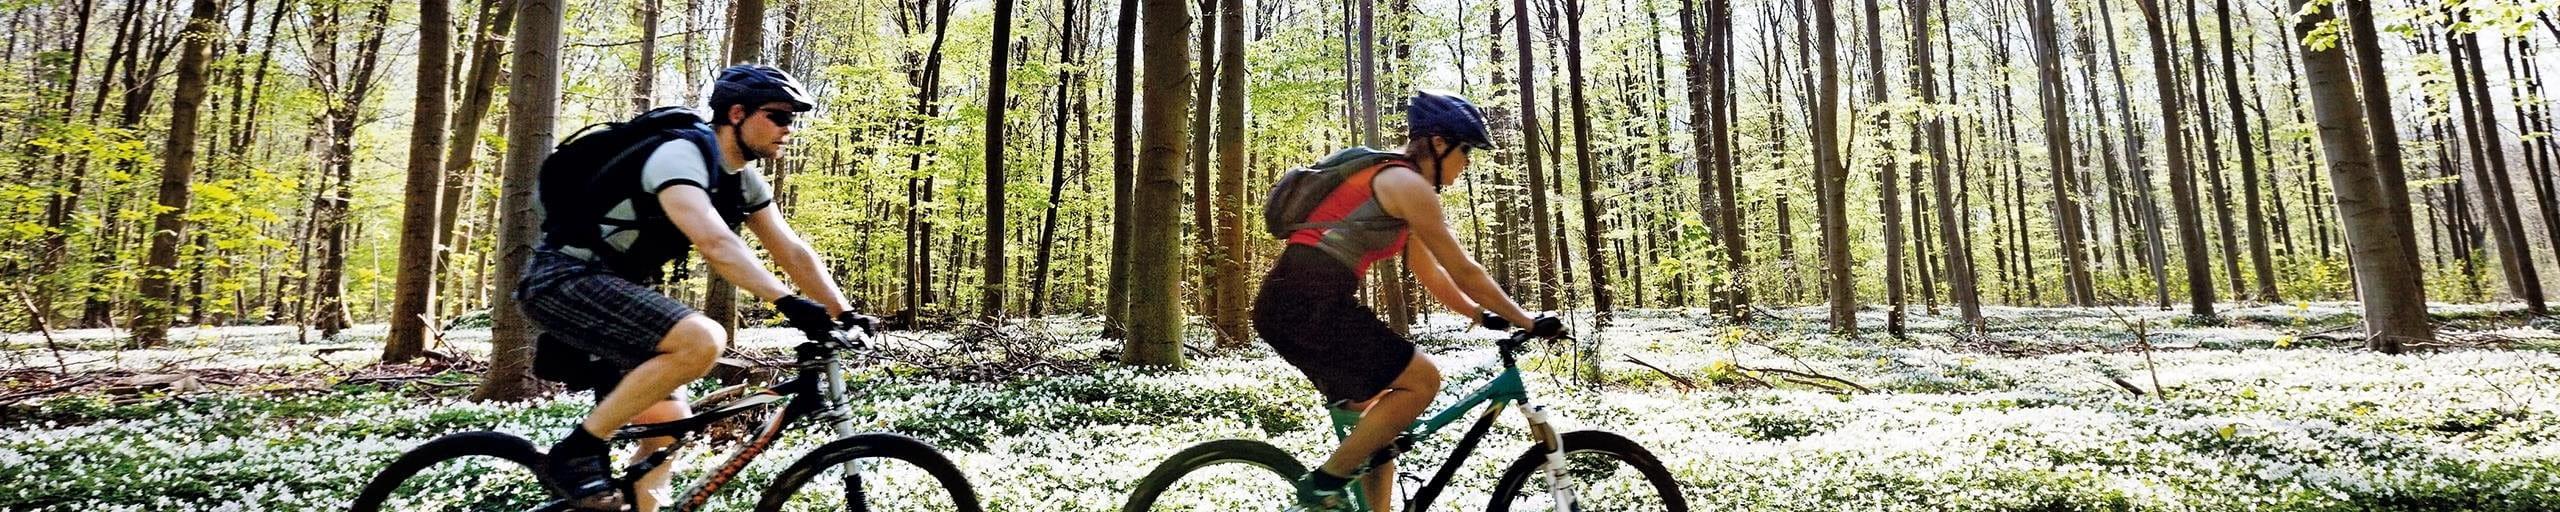 Zwei Mountainbiker fahren auf einem Waldweg.